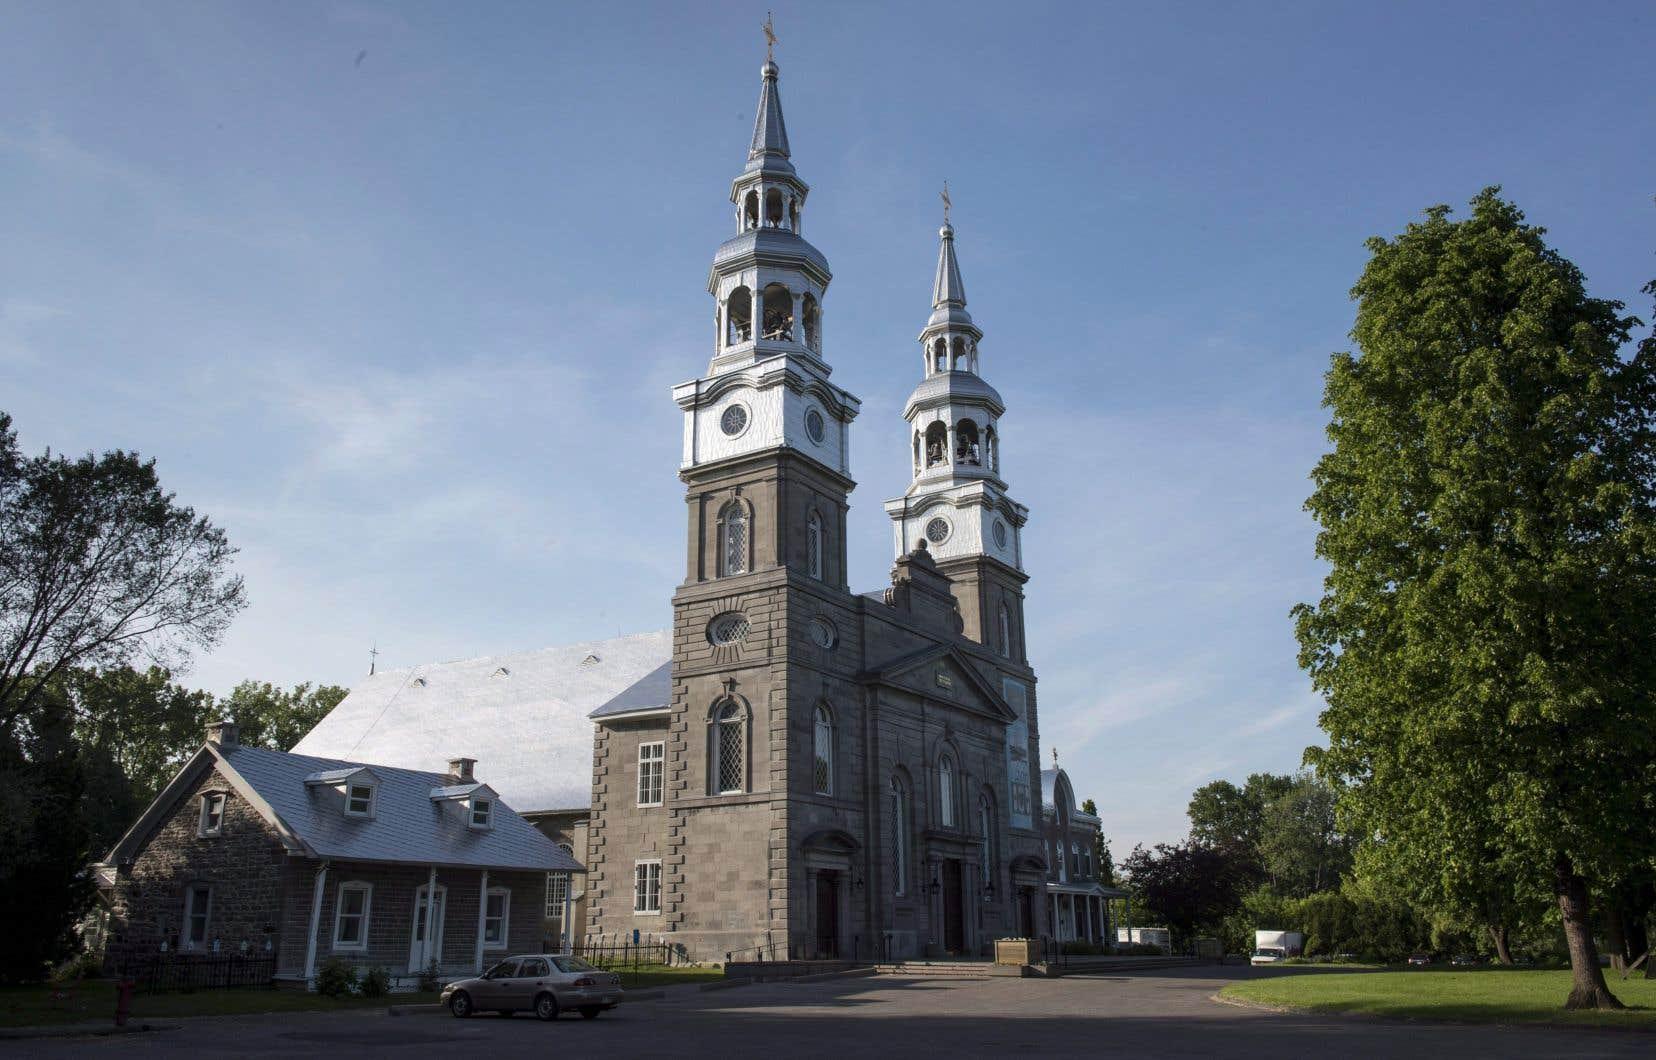 «Conclure un nouveau contrat avec les paroisses, c'est se retricoter un Québec sur le parvis de l'église: rêvé à l'image de là où l'on va, en cohérence avec d'où l'on vient», écrit l'autrice.